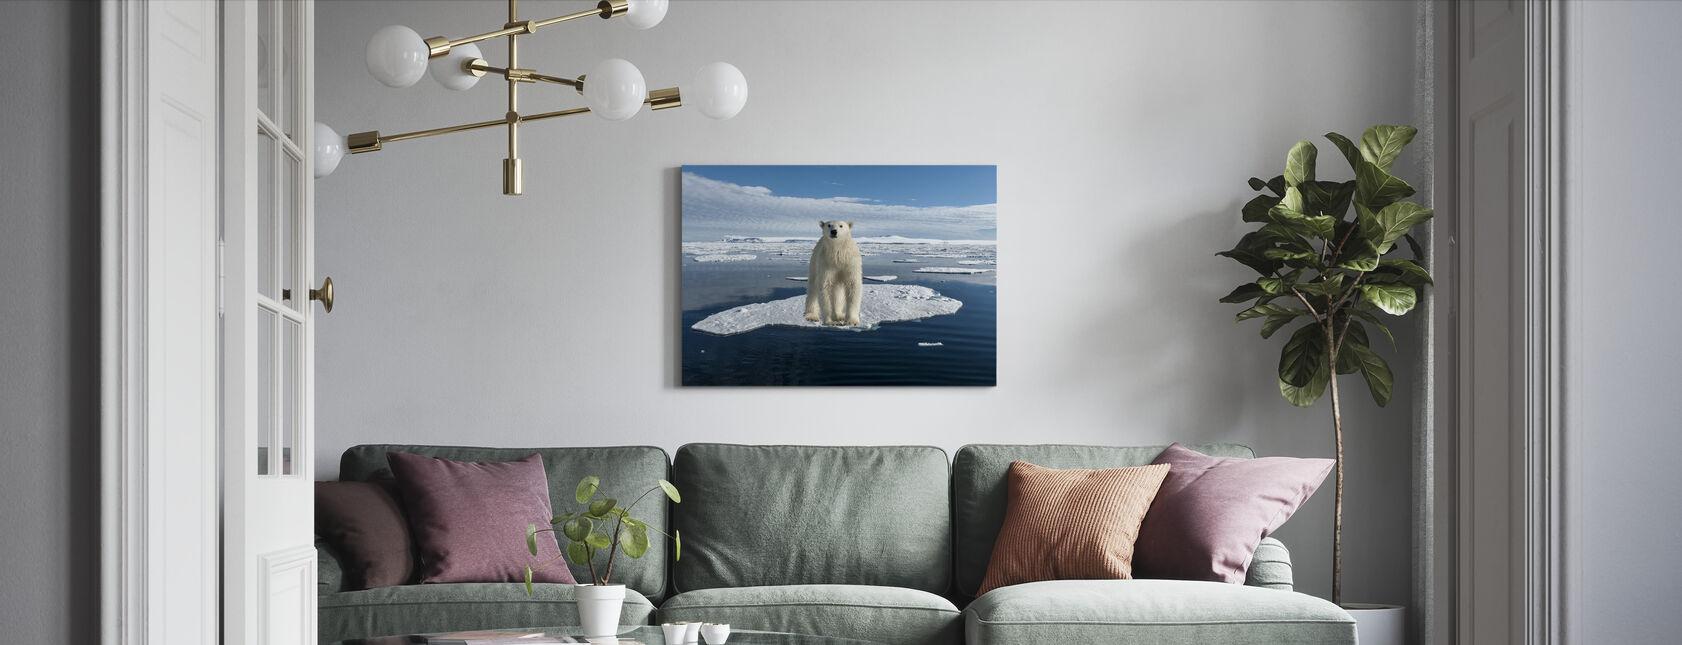 Ohuella jäällä - Canvastaulu - Olohuone